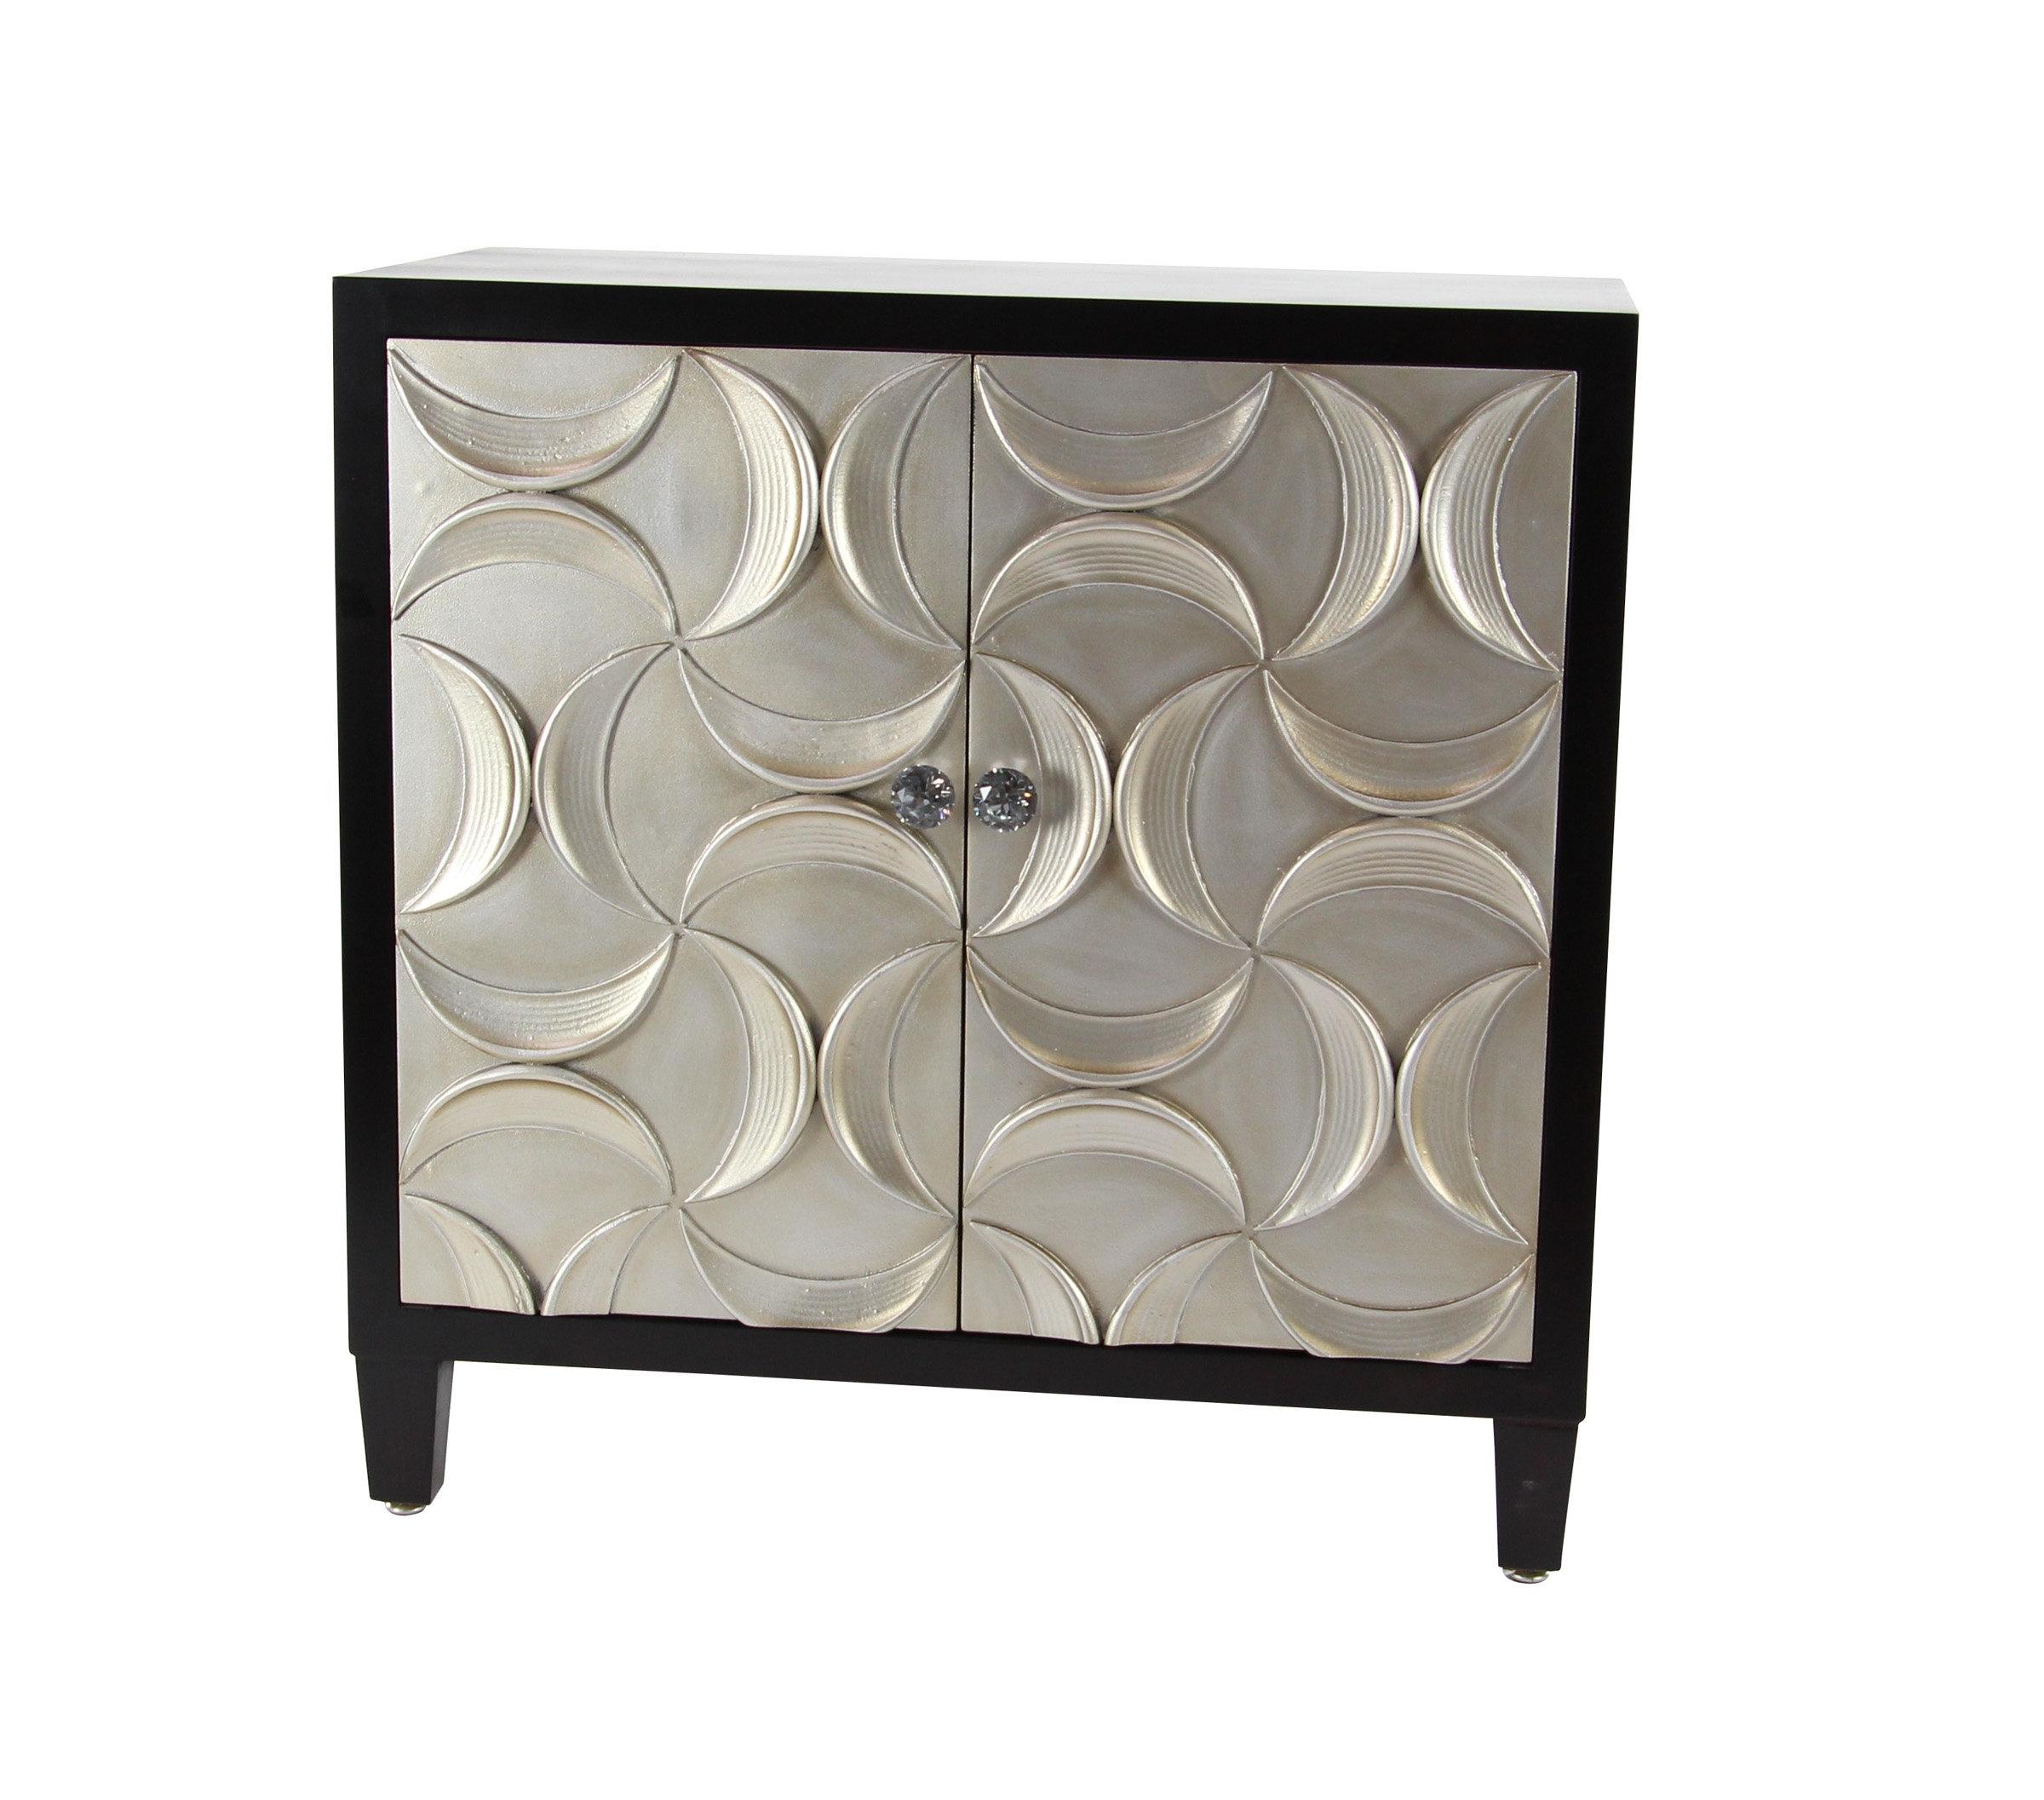 Orren Ellis Fellman Modern Wood 2 Door Accent Cabinet | Wayfair Intended For Corrugated Natural 6 Door Sideboards (View 22 of 30)